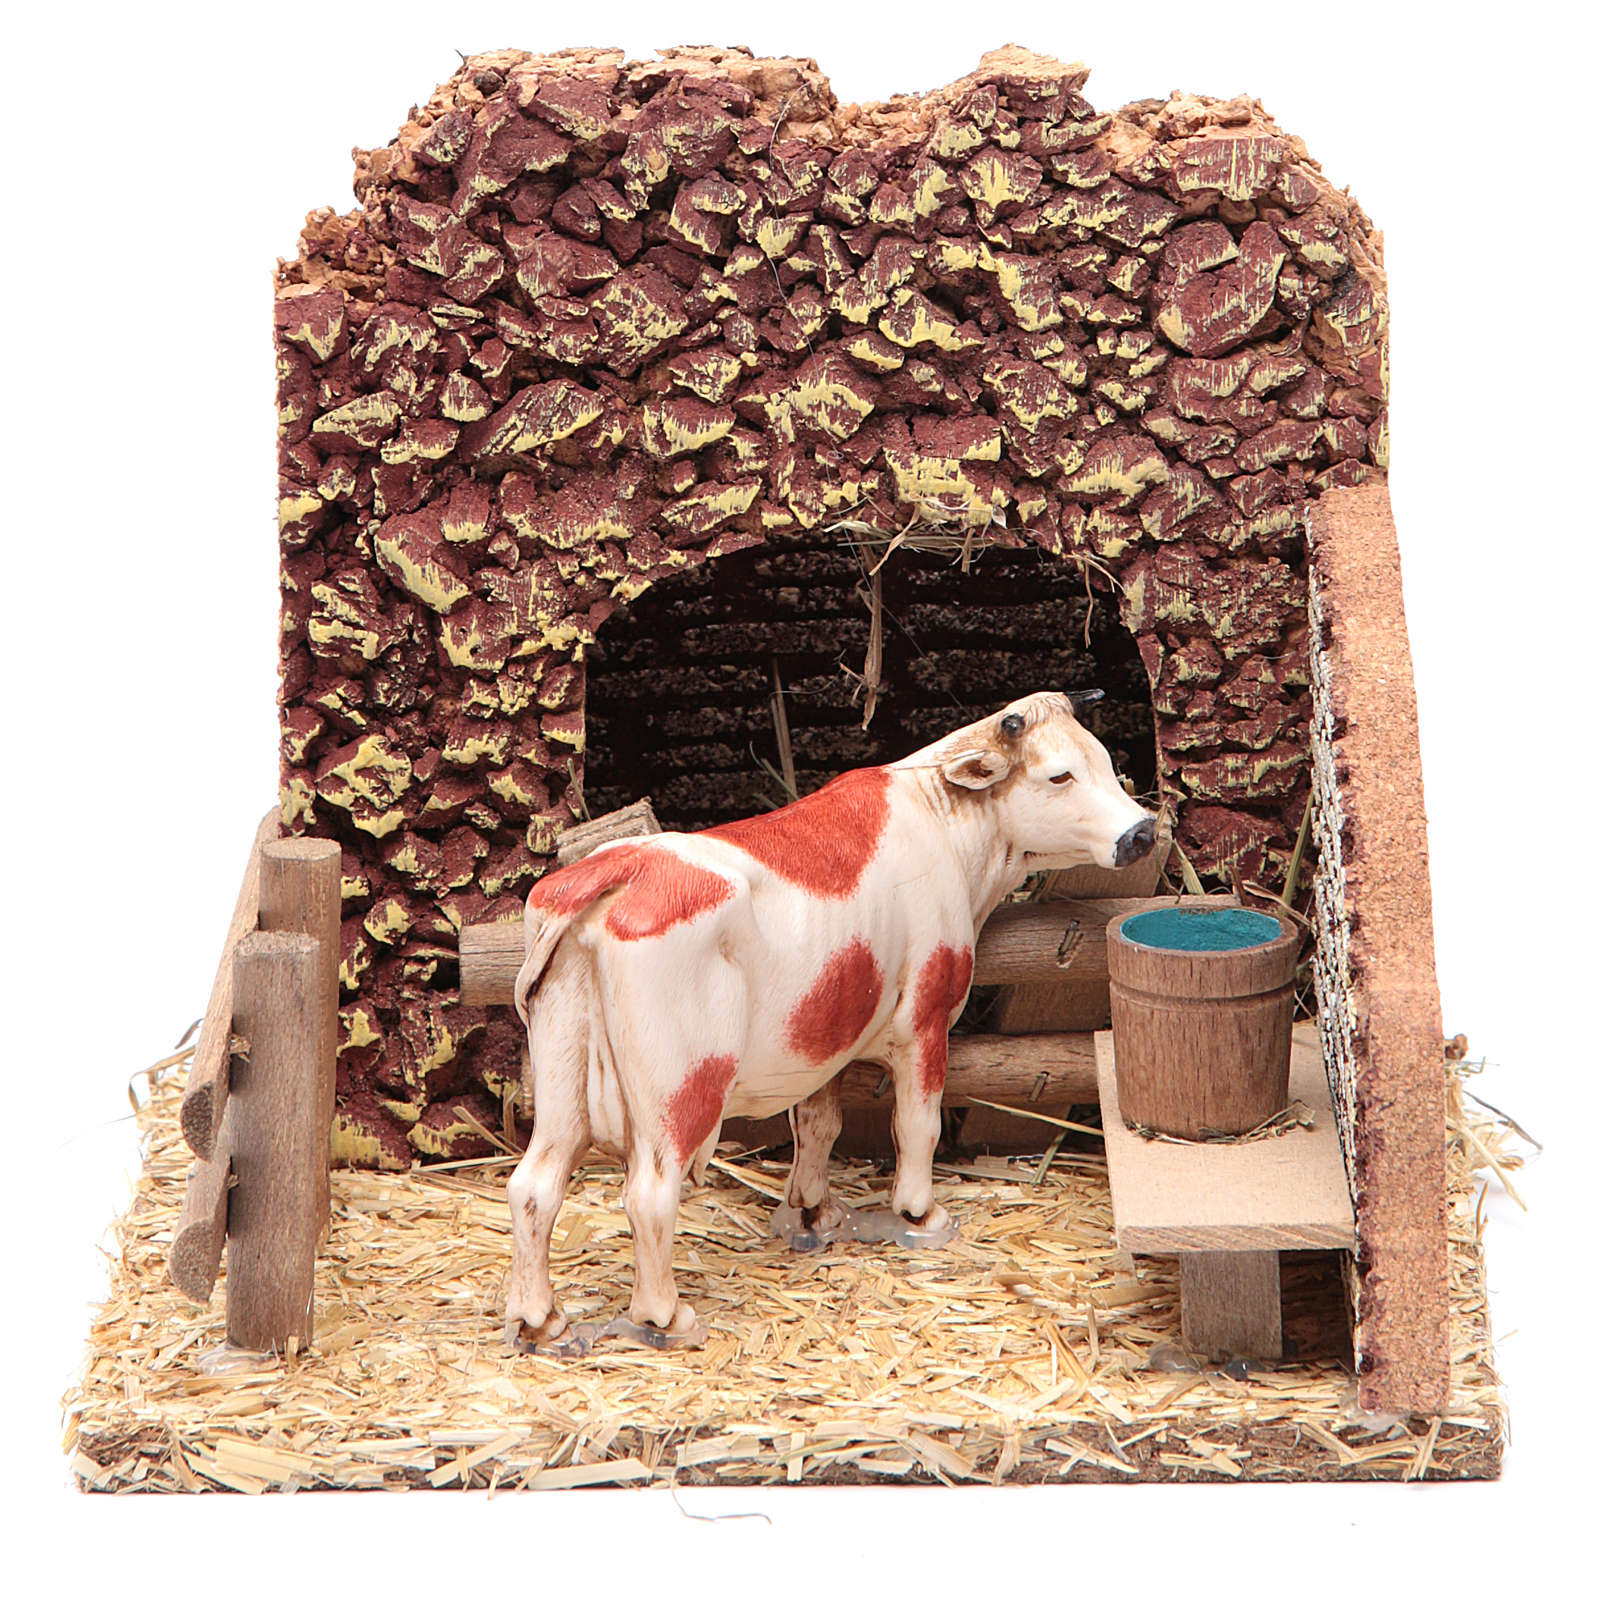 Décor crèche vache et mangeoire 4